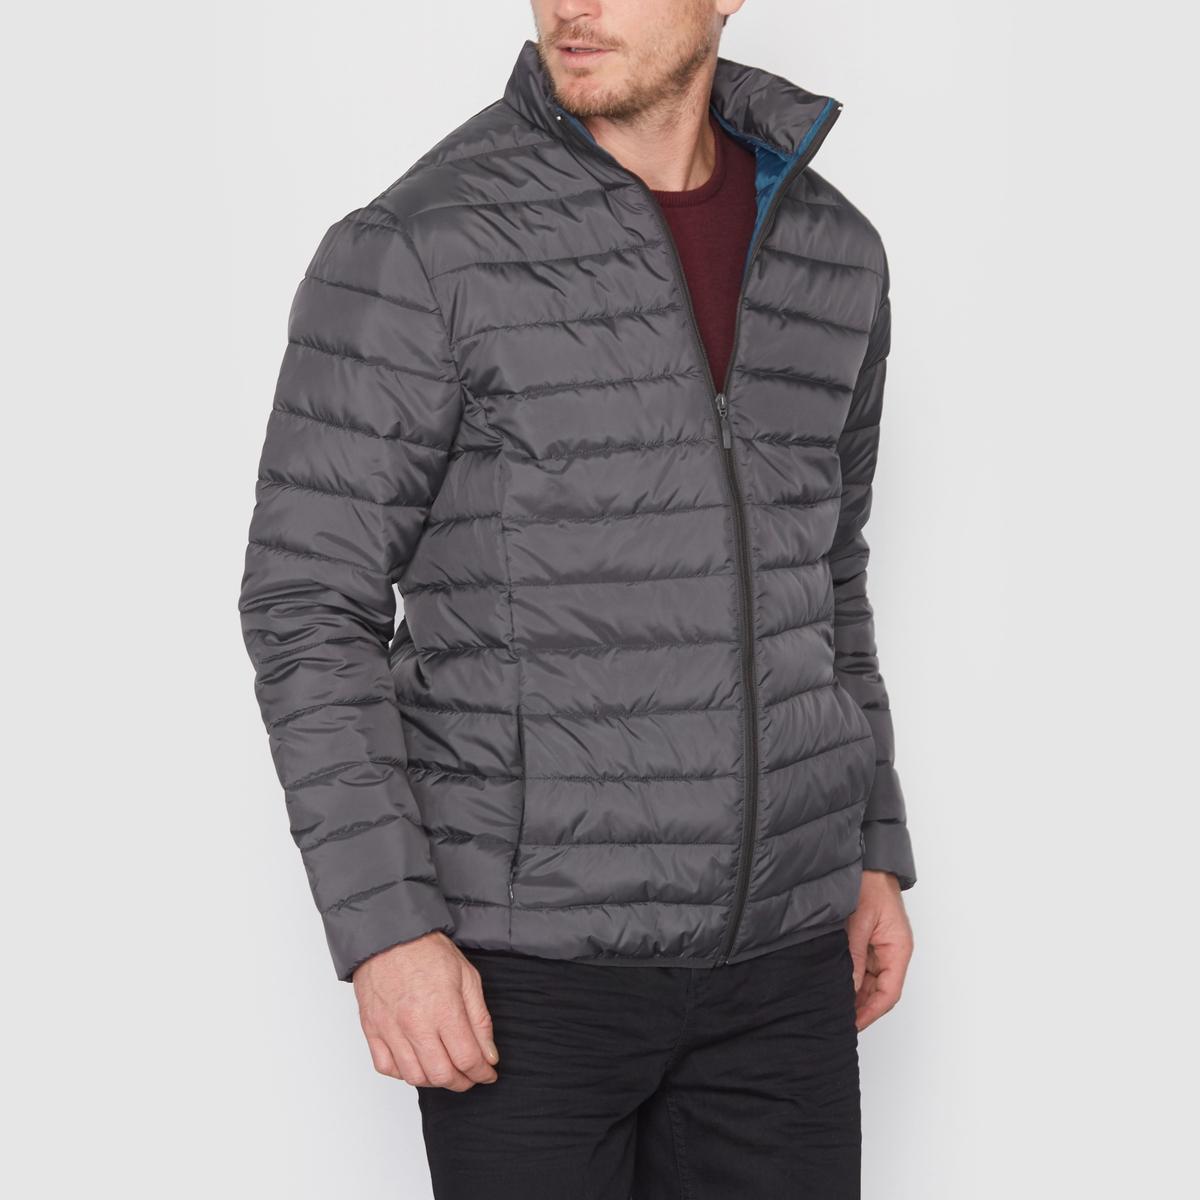 Куртка стёганая тонкая с длинными рукавамиКуртка стёганая тонкая с длинными рукавами. Небольшой воротник-стойка. Застежка на молнию спереди. 2 боковых кармана на молнии. 2 внутренних кармана. 100% полиэстер, внутренний подклад контрастный из 100% полиэстера. Длина 77 см.<br><br>Цвет: бордовый,темно-синий<br>Размер: 50/52